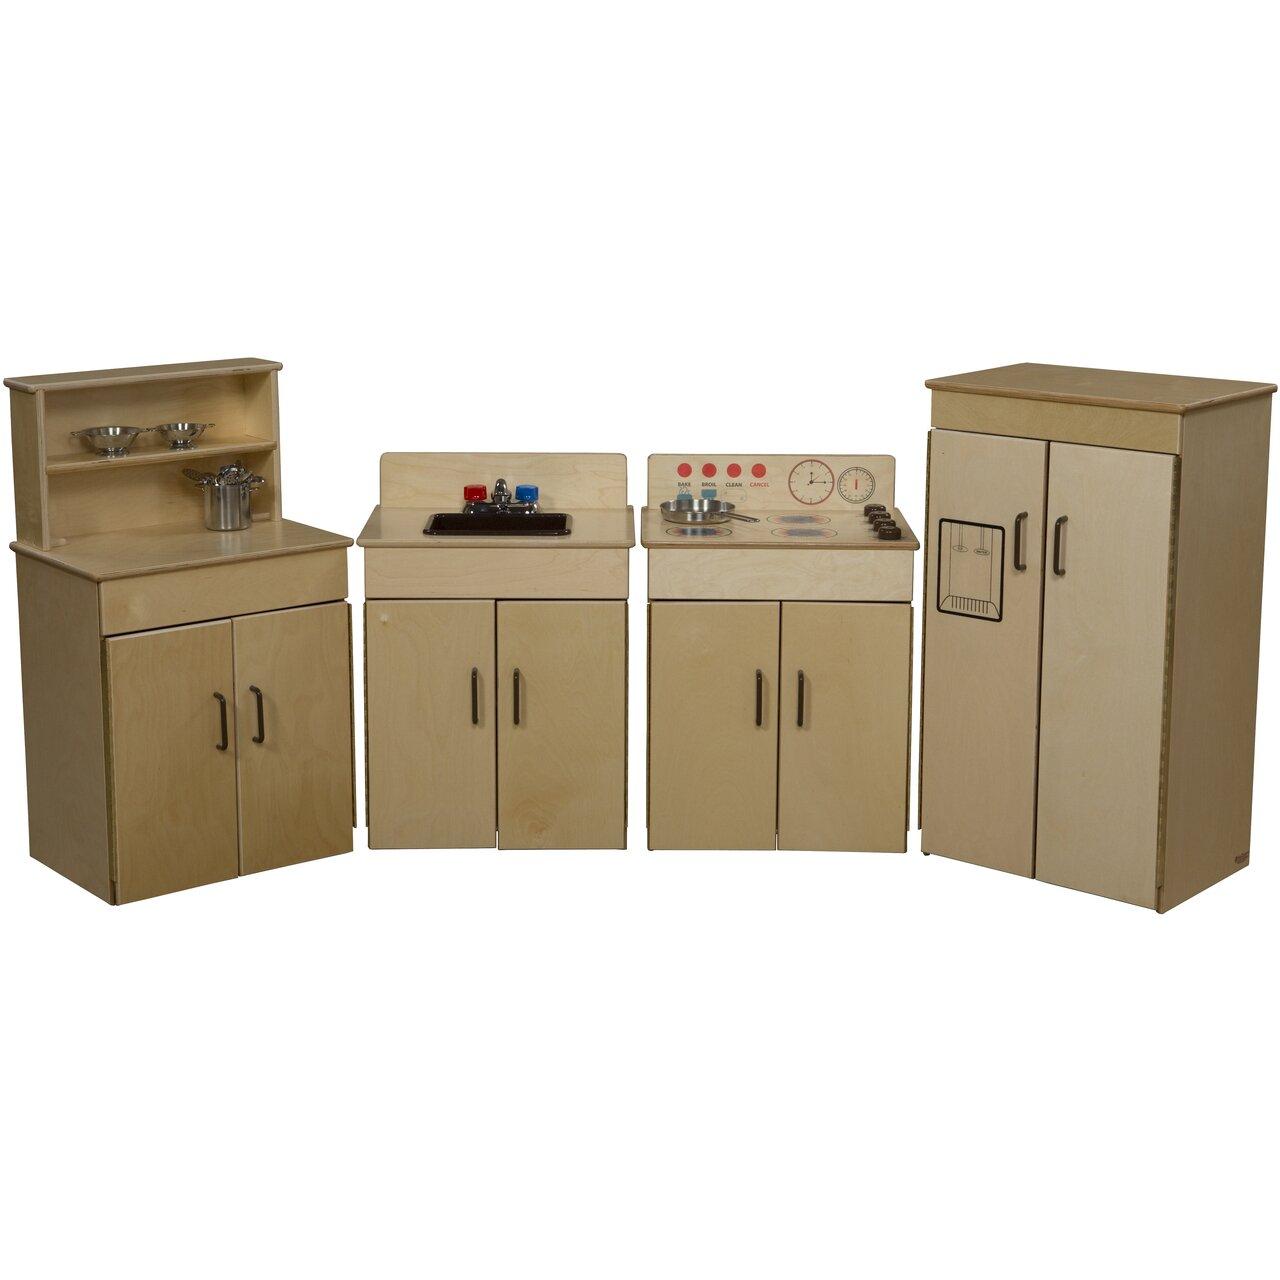 Wood Designs Classic 4 Piece Appliances Kitchen Set Wayfair